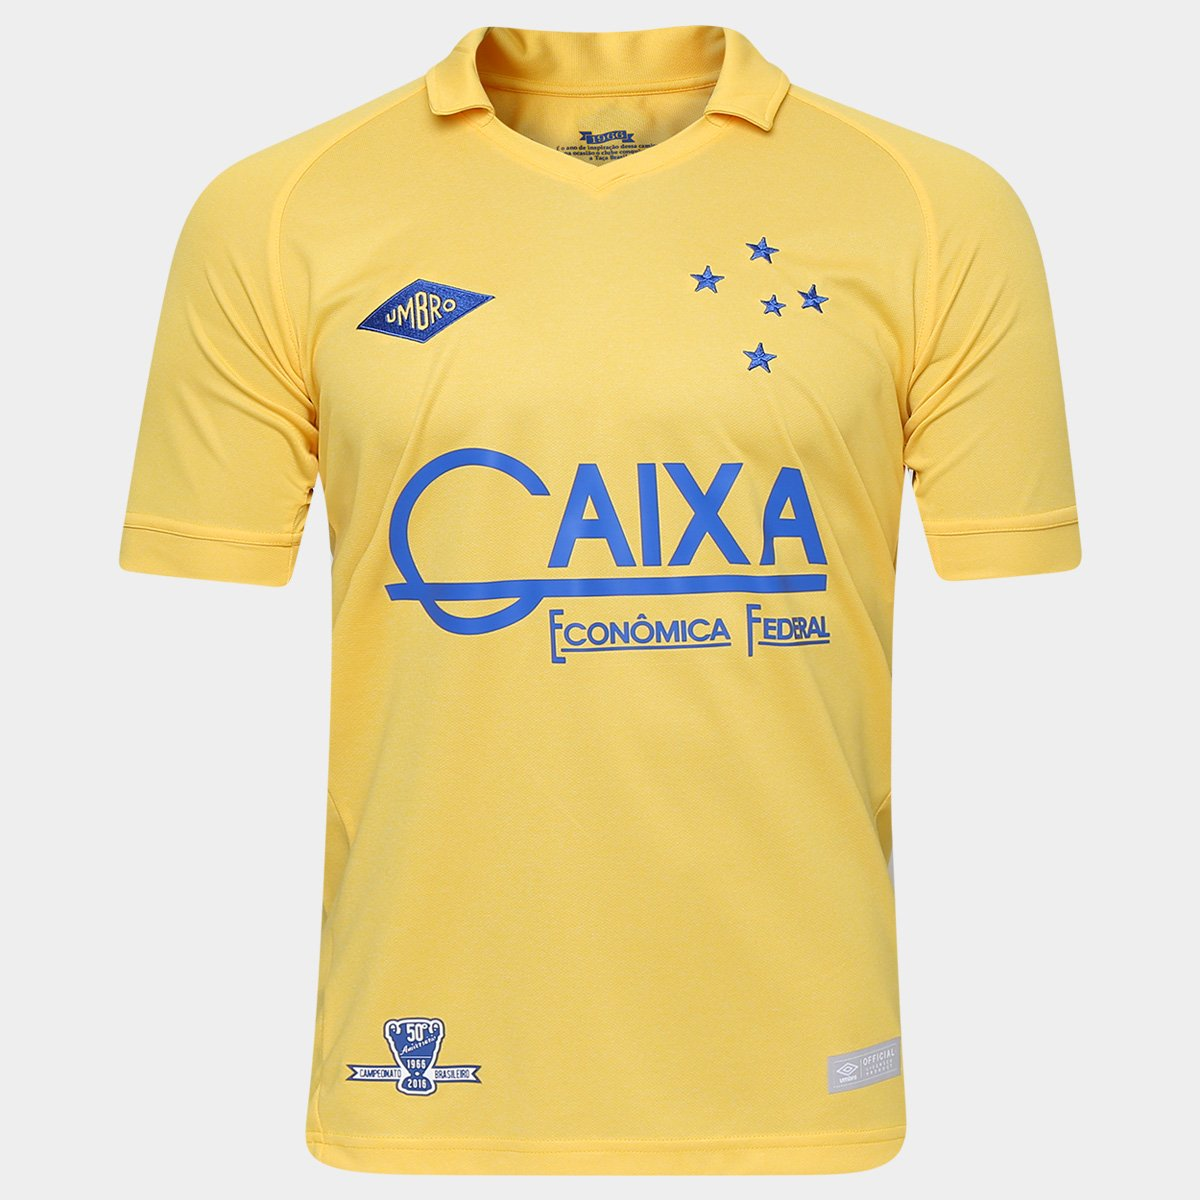 e580a974d3e5a Camisa Umbro Cruzeiro Goleiro III 2016 nº 1 - Torcedor - Compre Agora